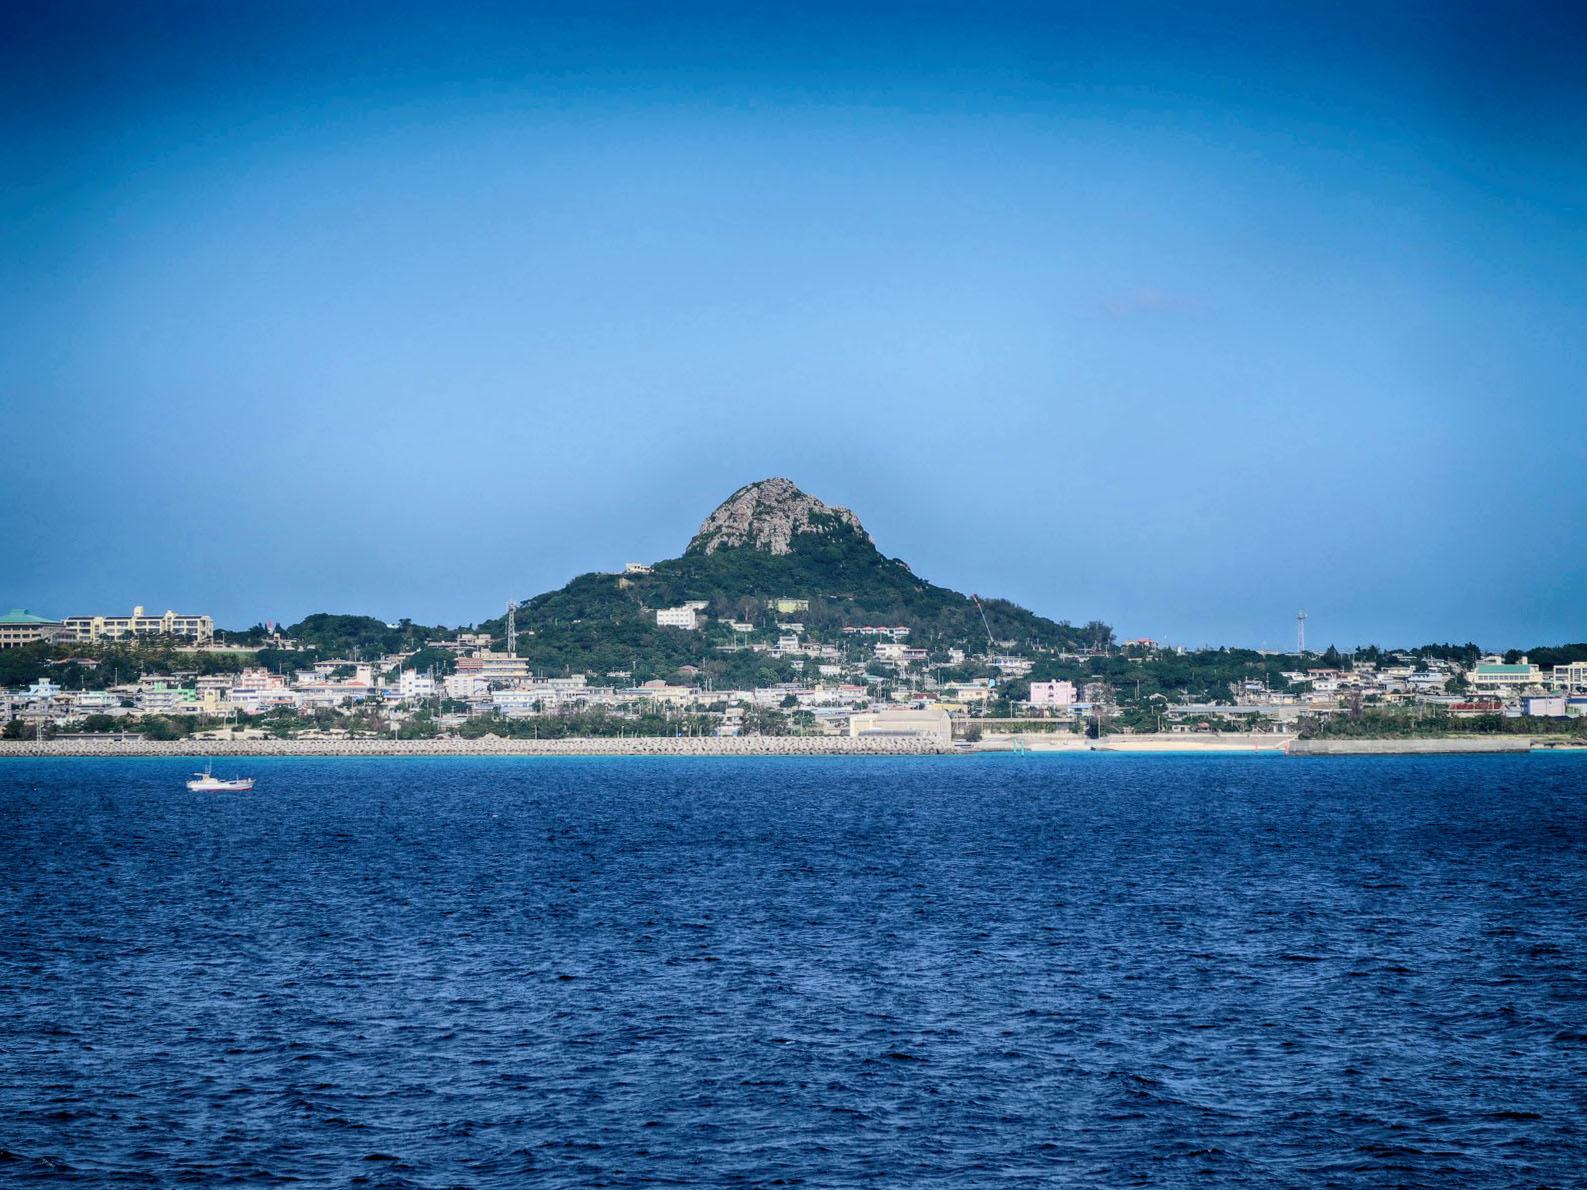 伊江島ツアー 初日「フェリーで伊江島へ、そして農業体験」